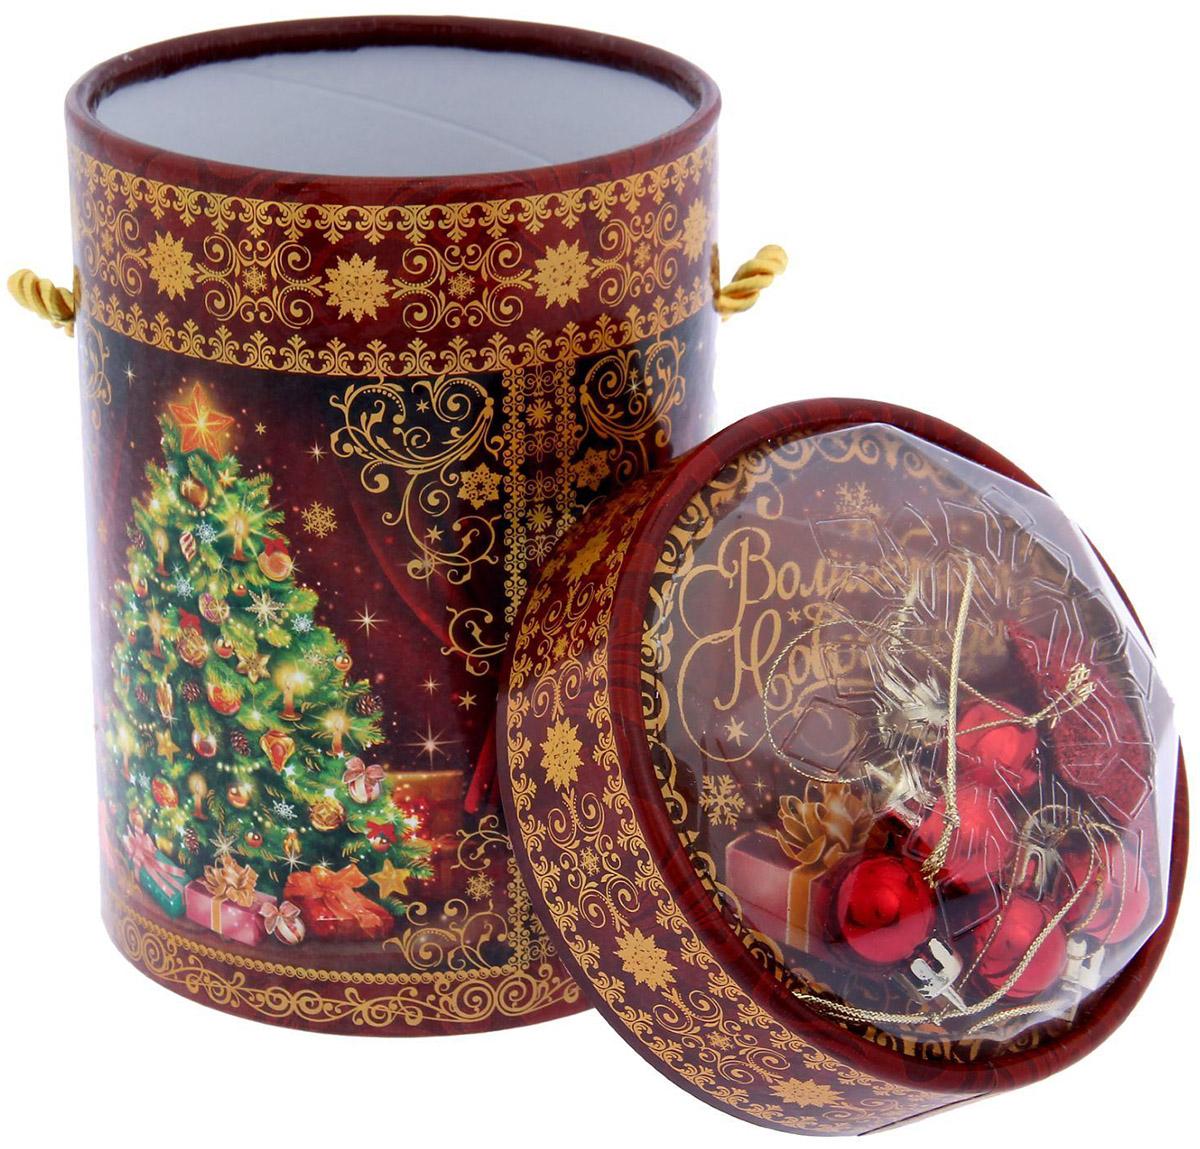 Коробка подарочная Sima-land Елочка, 11,5 х 15 см1118874Любой подарок начинается с упаковки. Что может быть трогательнее и волшебнее, чем ритуал разворачивания полученного презента. И именно оригинальная, со вкусом выбранная упаковка выделит ваш подарок из массы других. Она продемонстрирует самые теплые чувства к виновнику торжества и создаст сказочную атмосферу праздника.